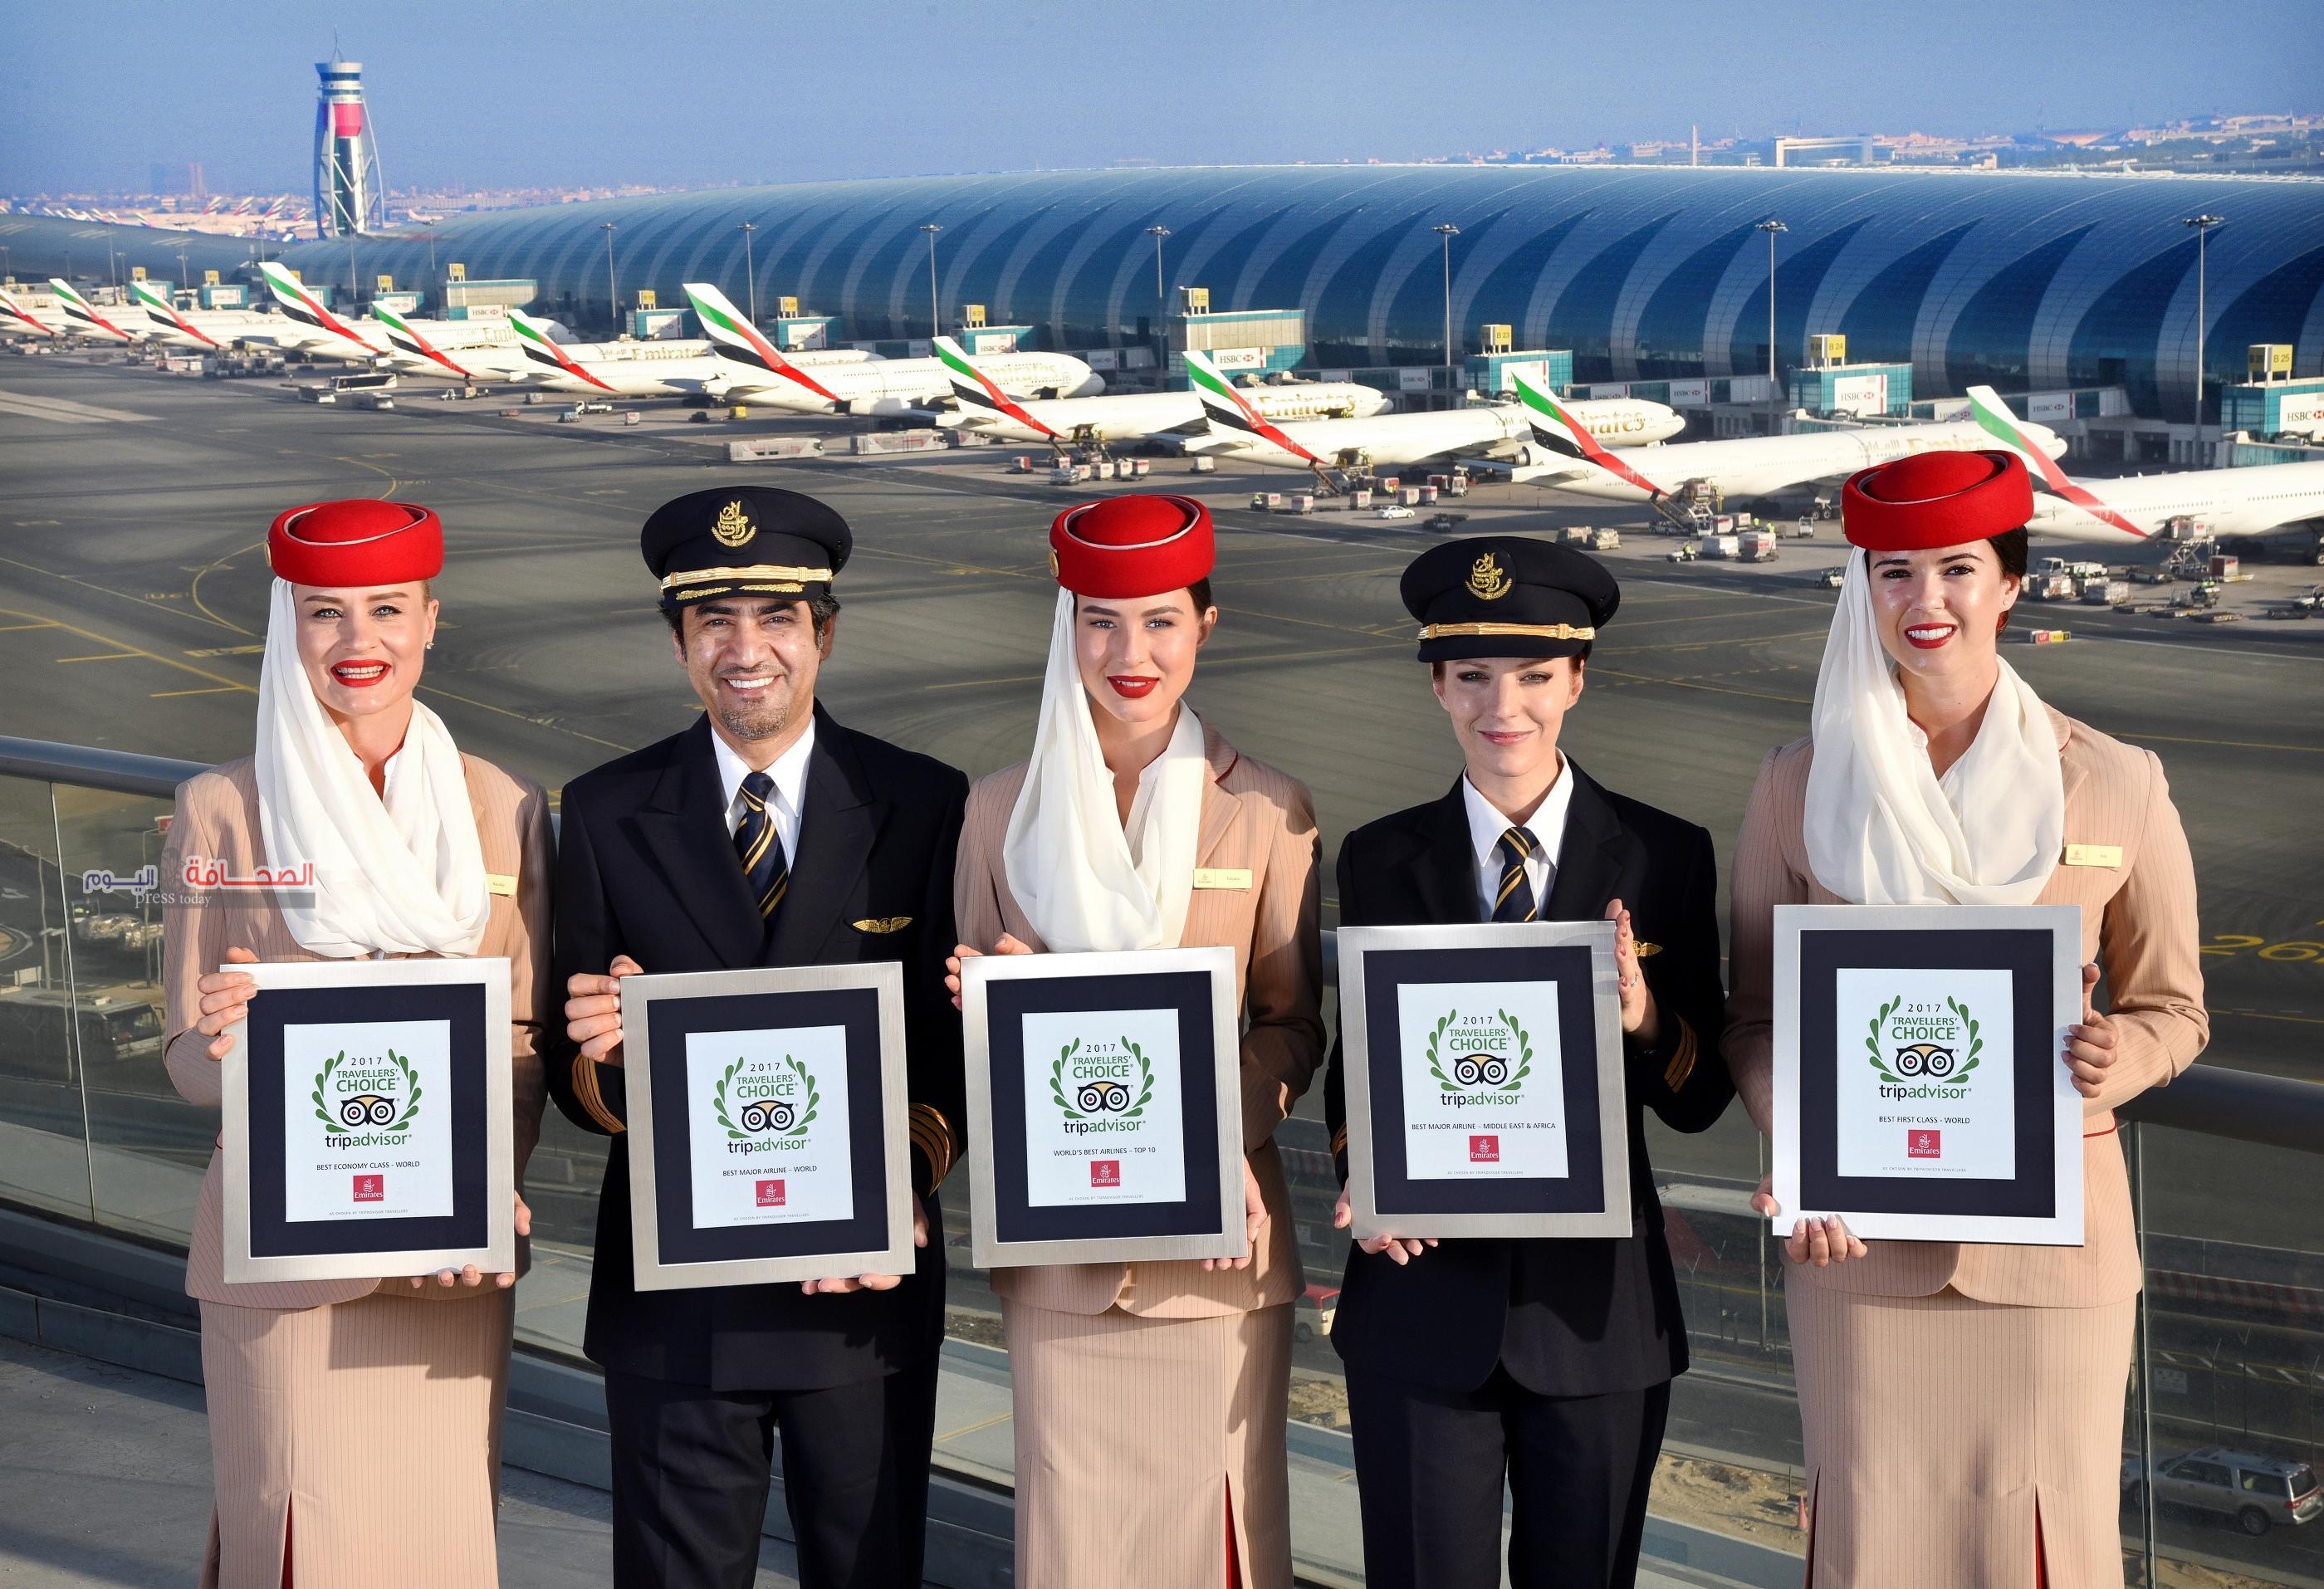 طيران الإمارات تختتم عام 2017 بمزيد من التألق